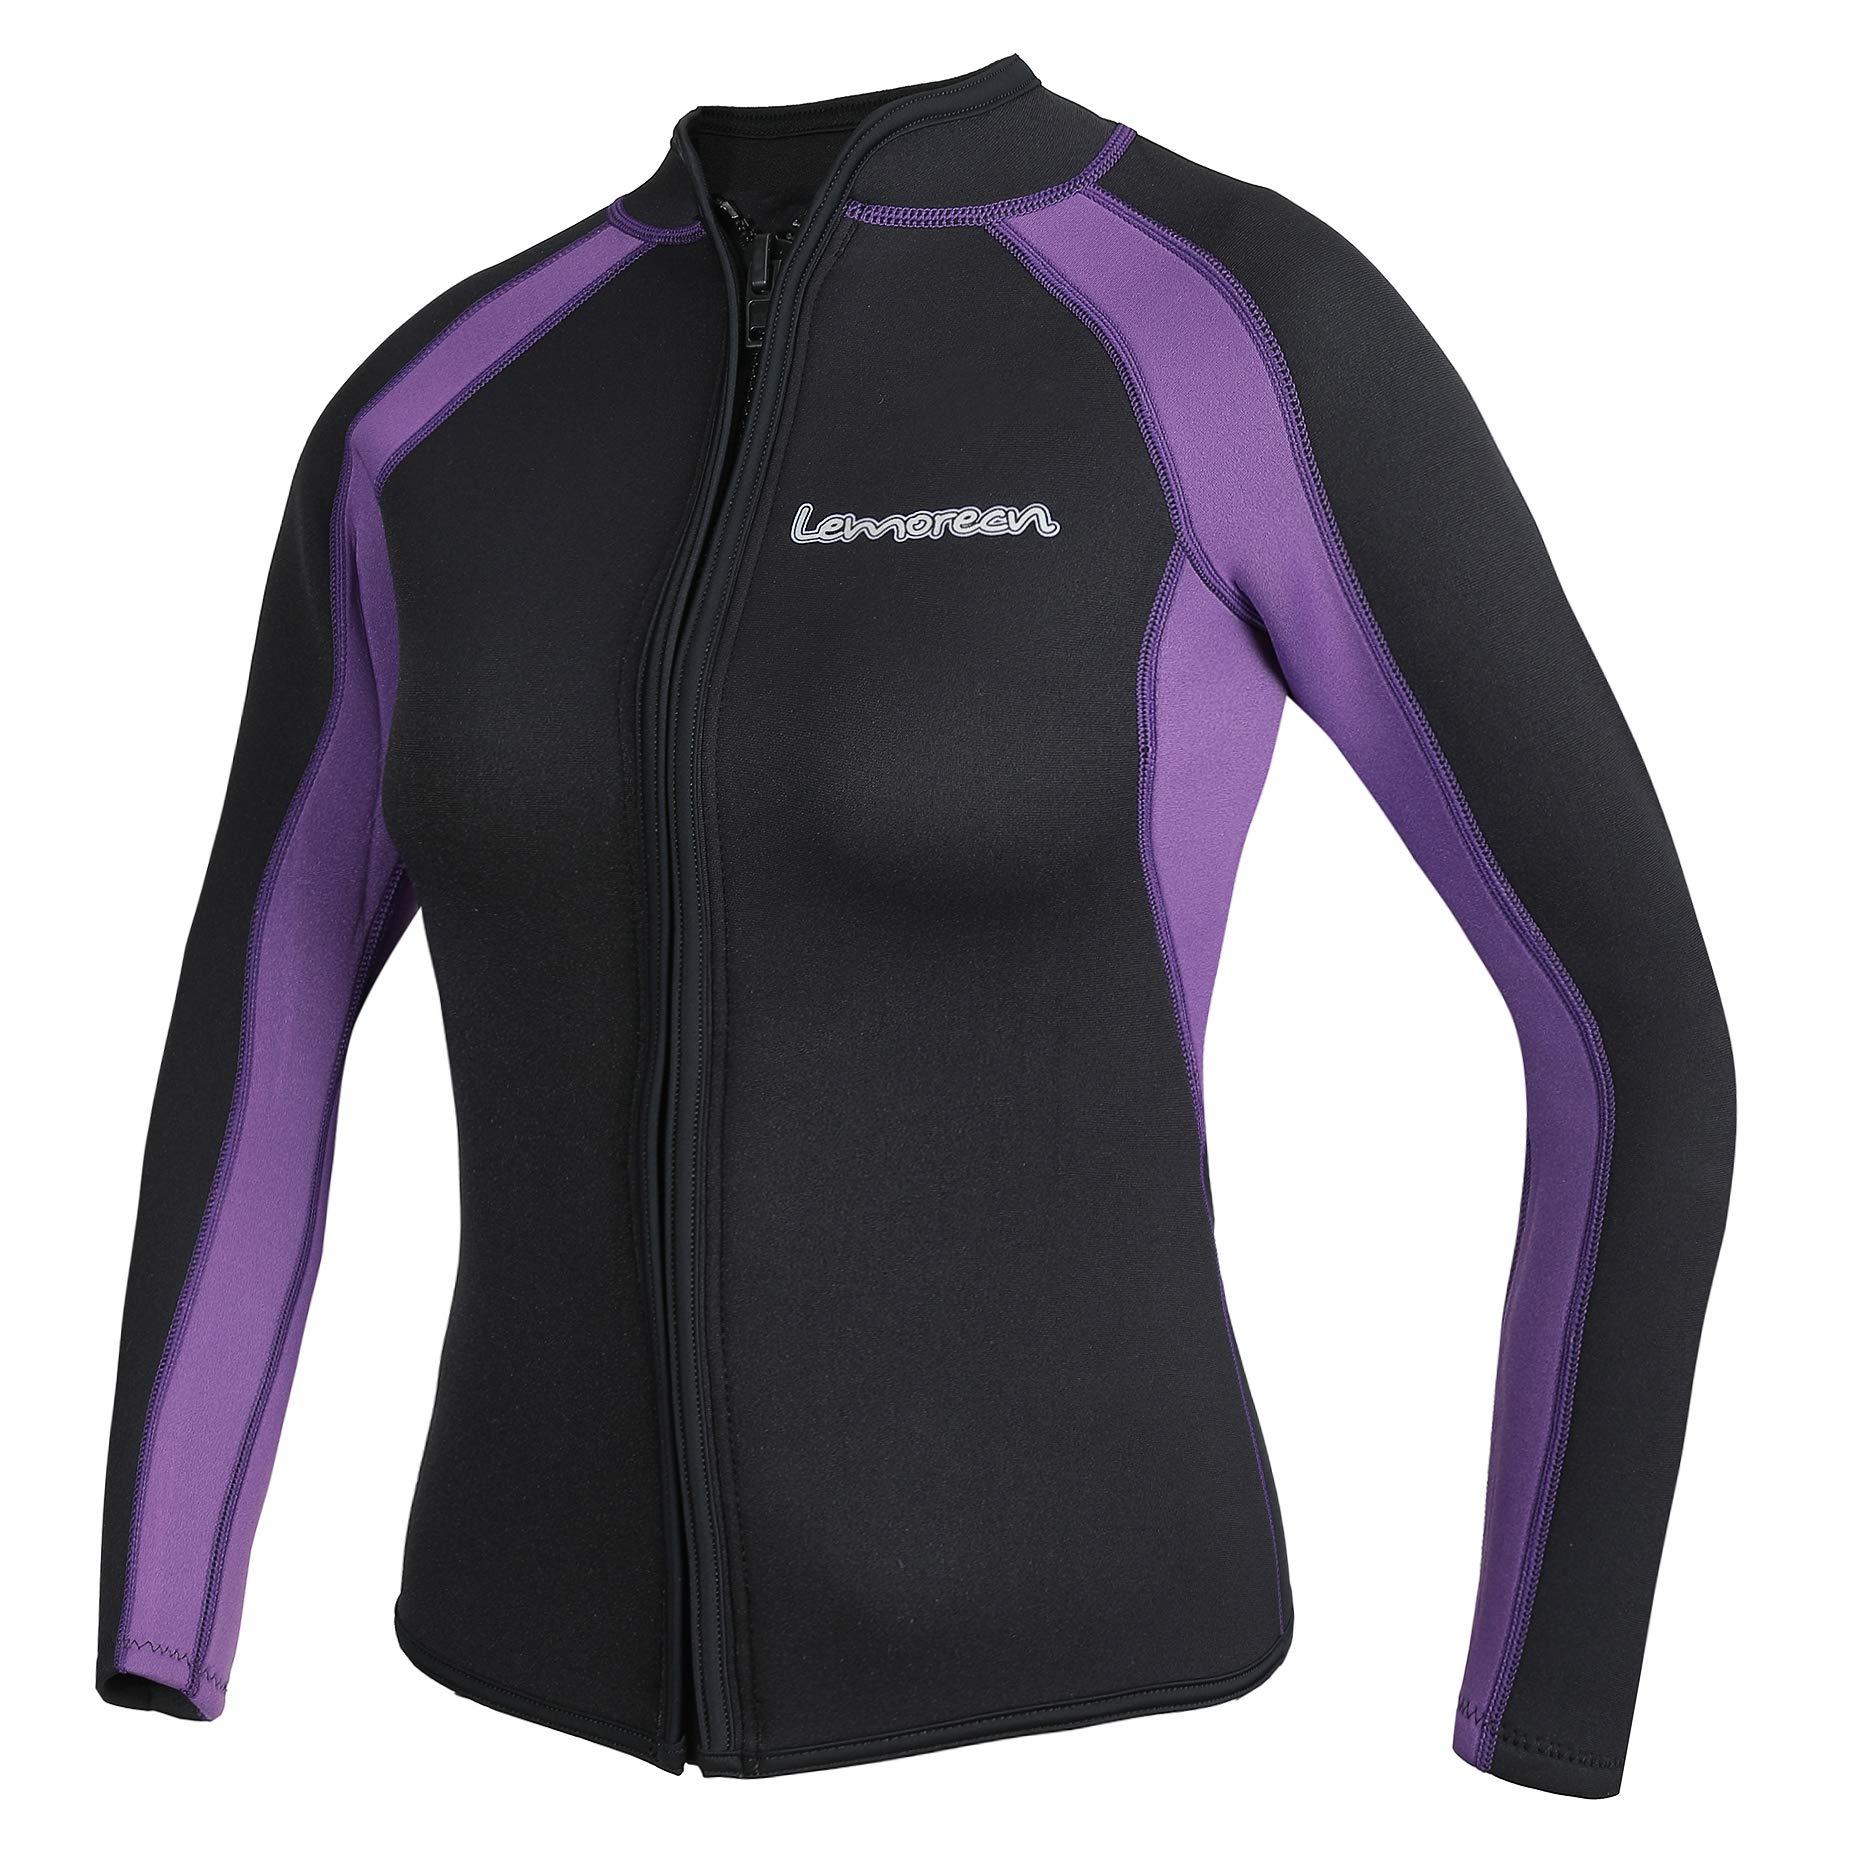 Lemorecn Women's 3mm Wetsuits Jacket Long Sleeve Neoprene Wetsuits Top(2041blackpurple8)